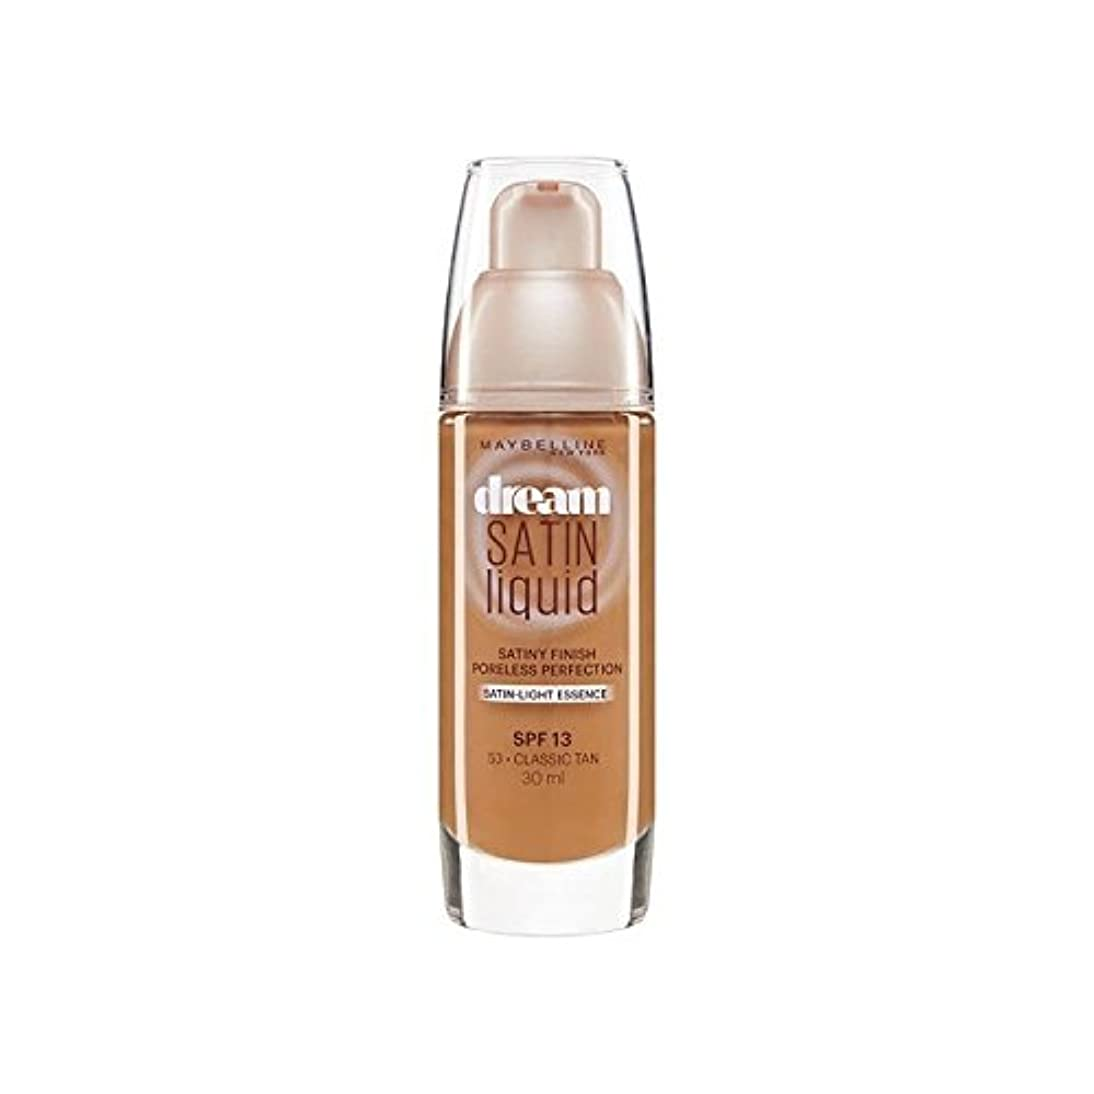 無放棄された細いMaybelline Dream Satin Liquid Foundation 53 Classic Tan 30ml (Pack of 6) - メイベリン夢サテンリキッドファンデーション53古典的な日焼け30ミリリットル...